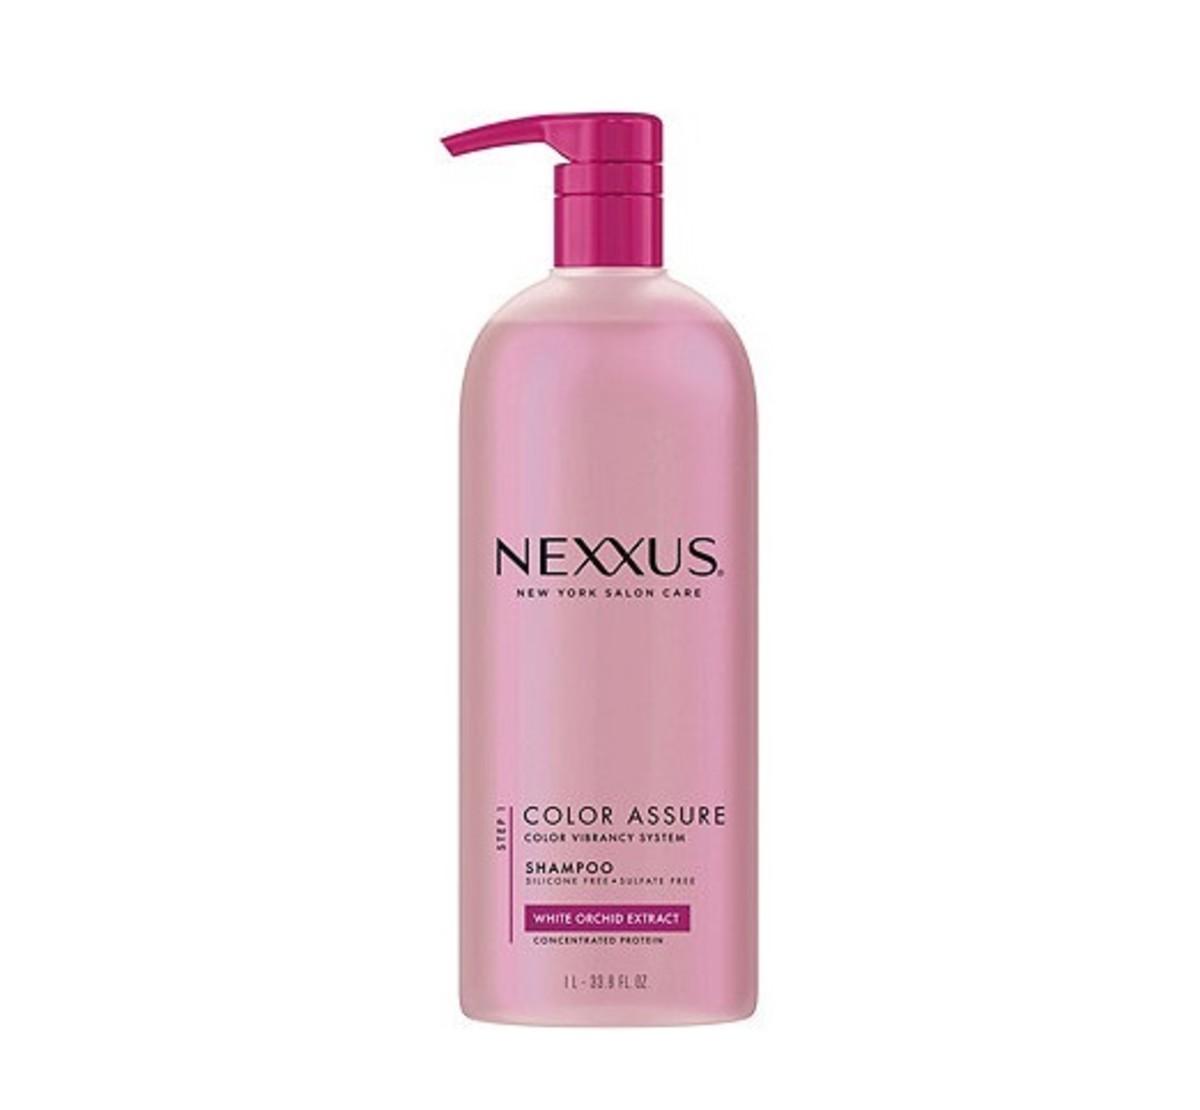 Nexxus Color Assure Vibrancy Retention Shampoo